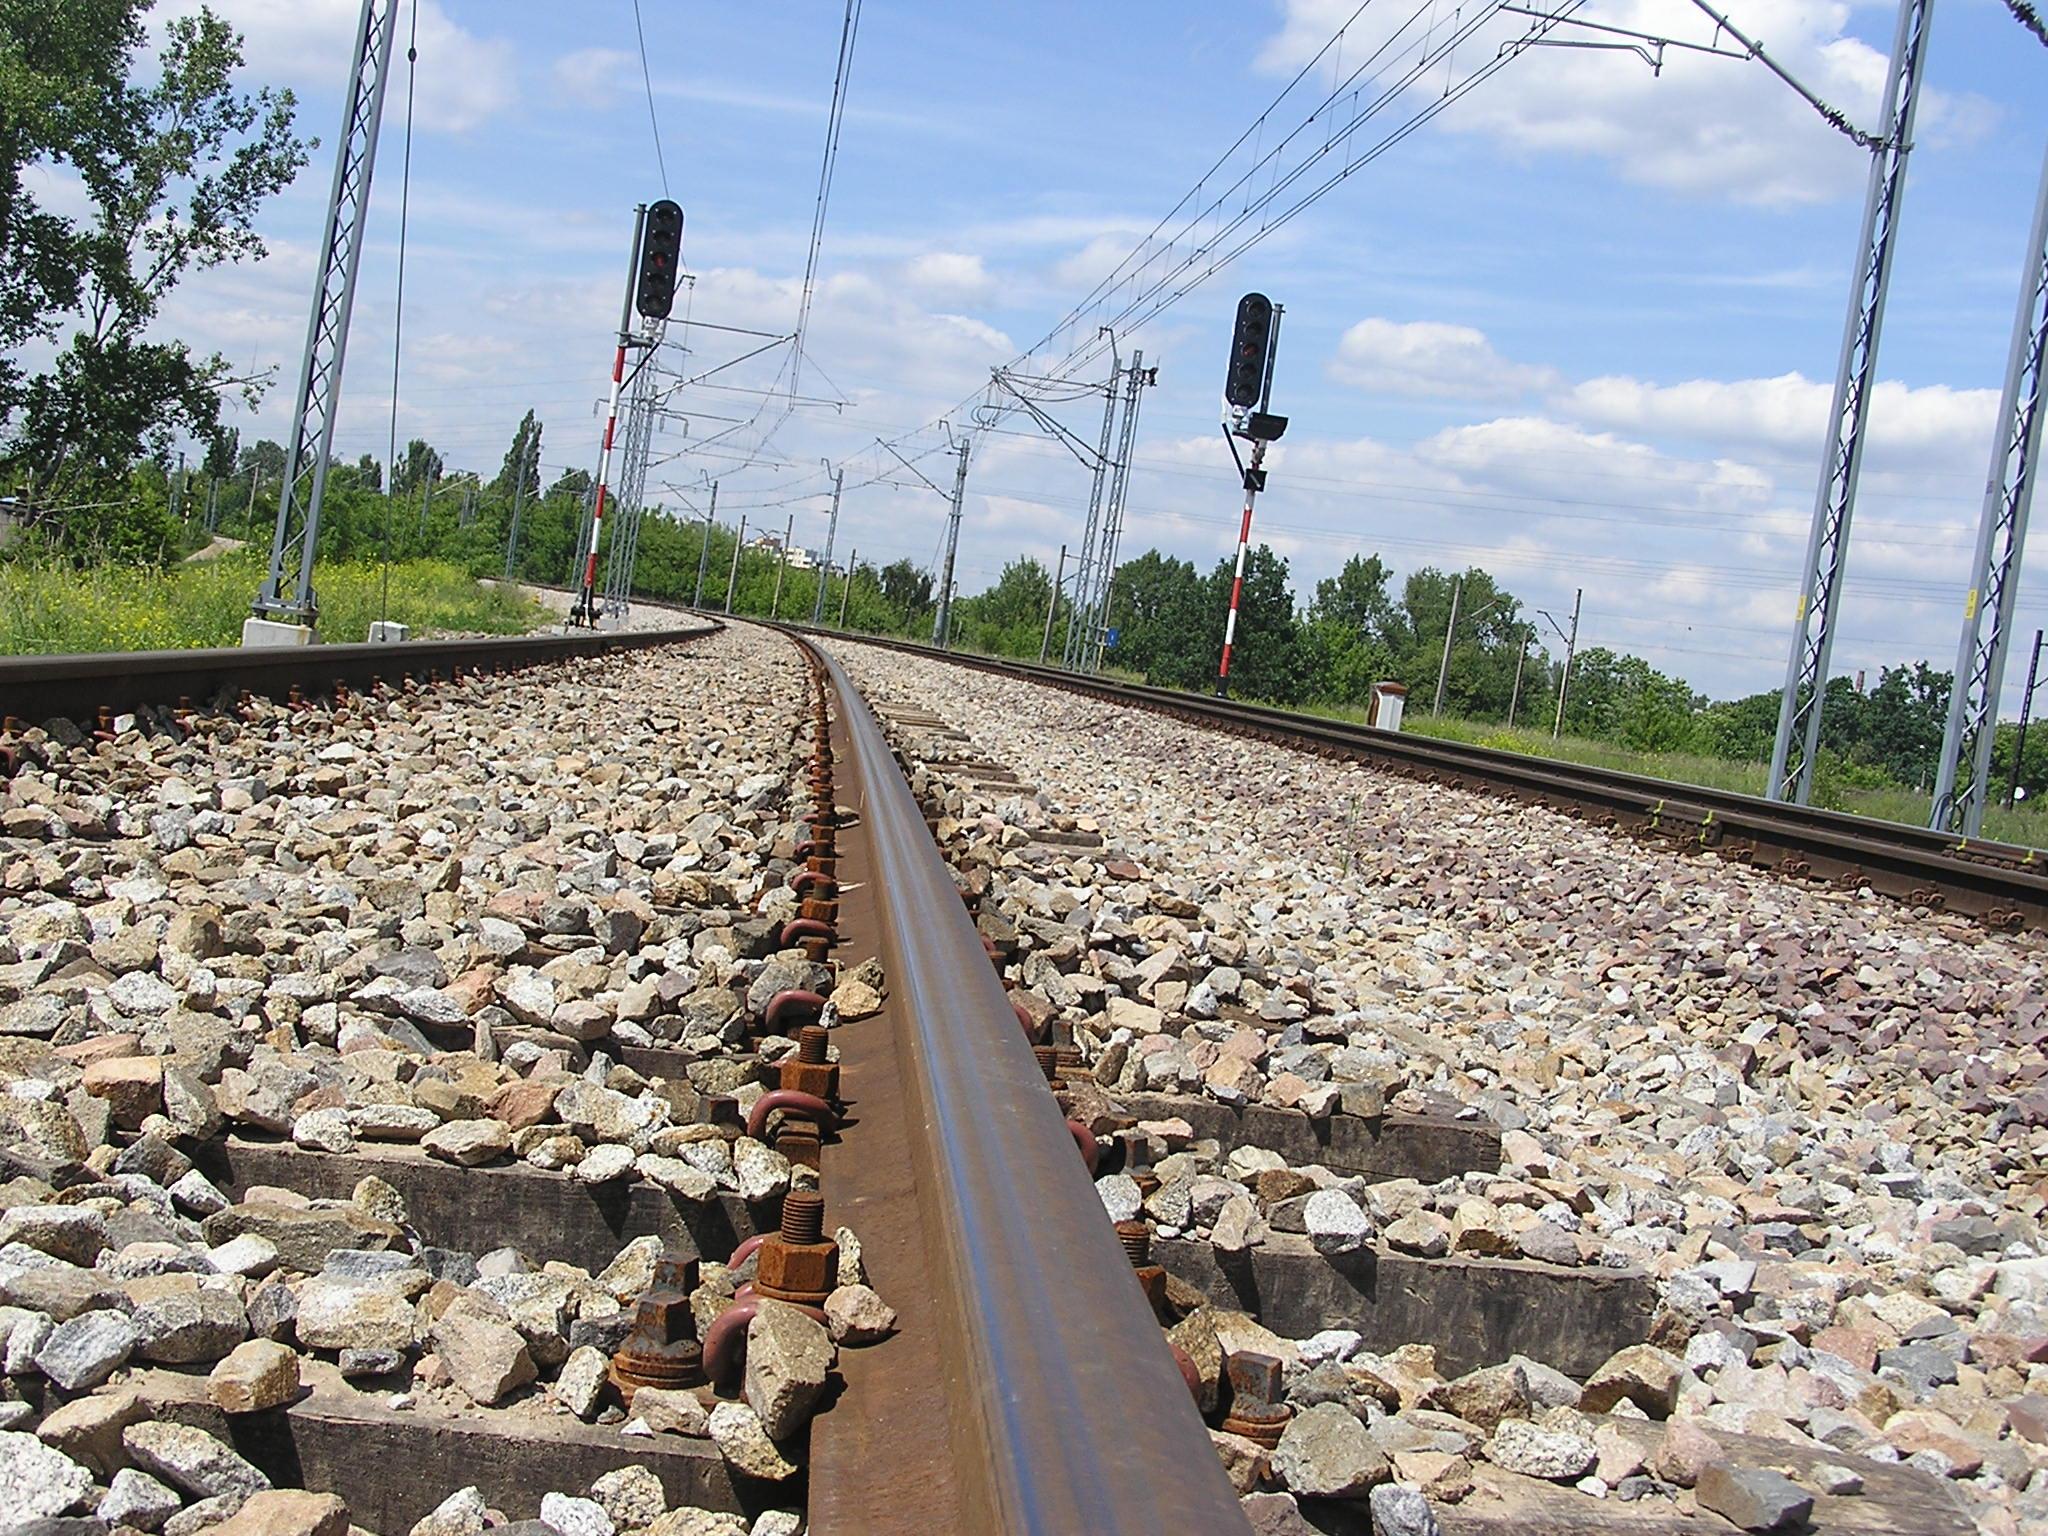 Infrastruktur: Niederländische Regierung investiert 82 Milliarden